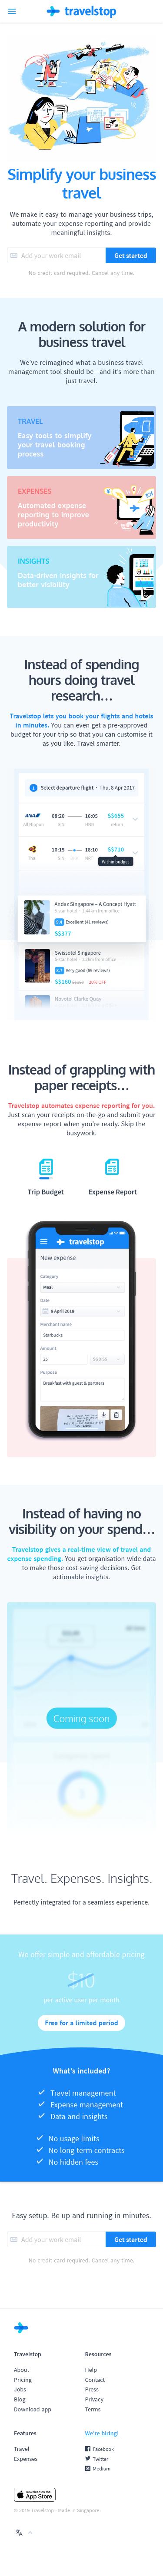 Example of Design for Finance, Mobile Landing Page by travelstop.com | Mobile Landing Page Design